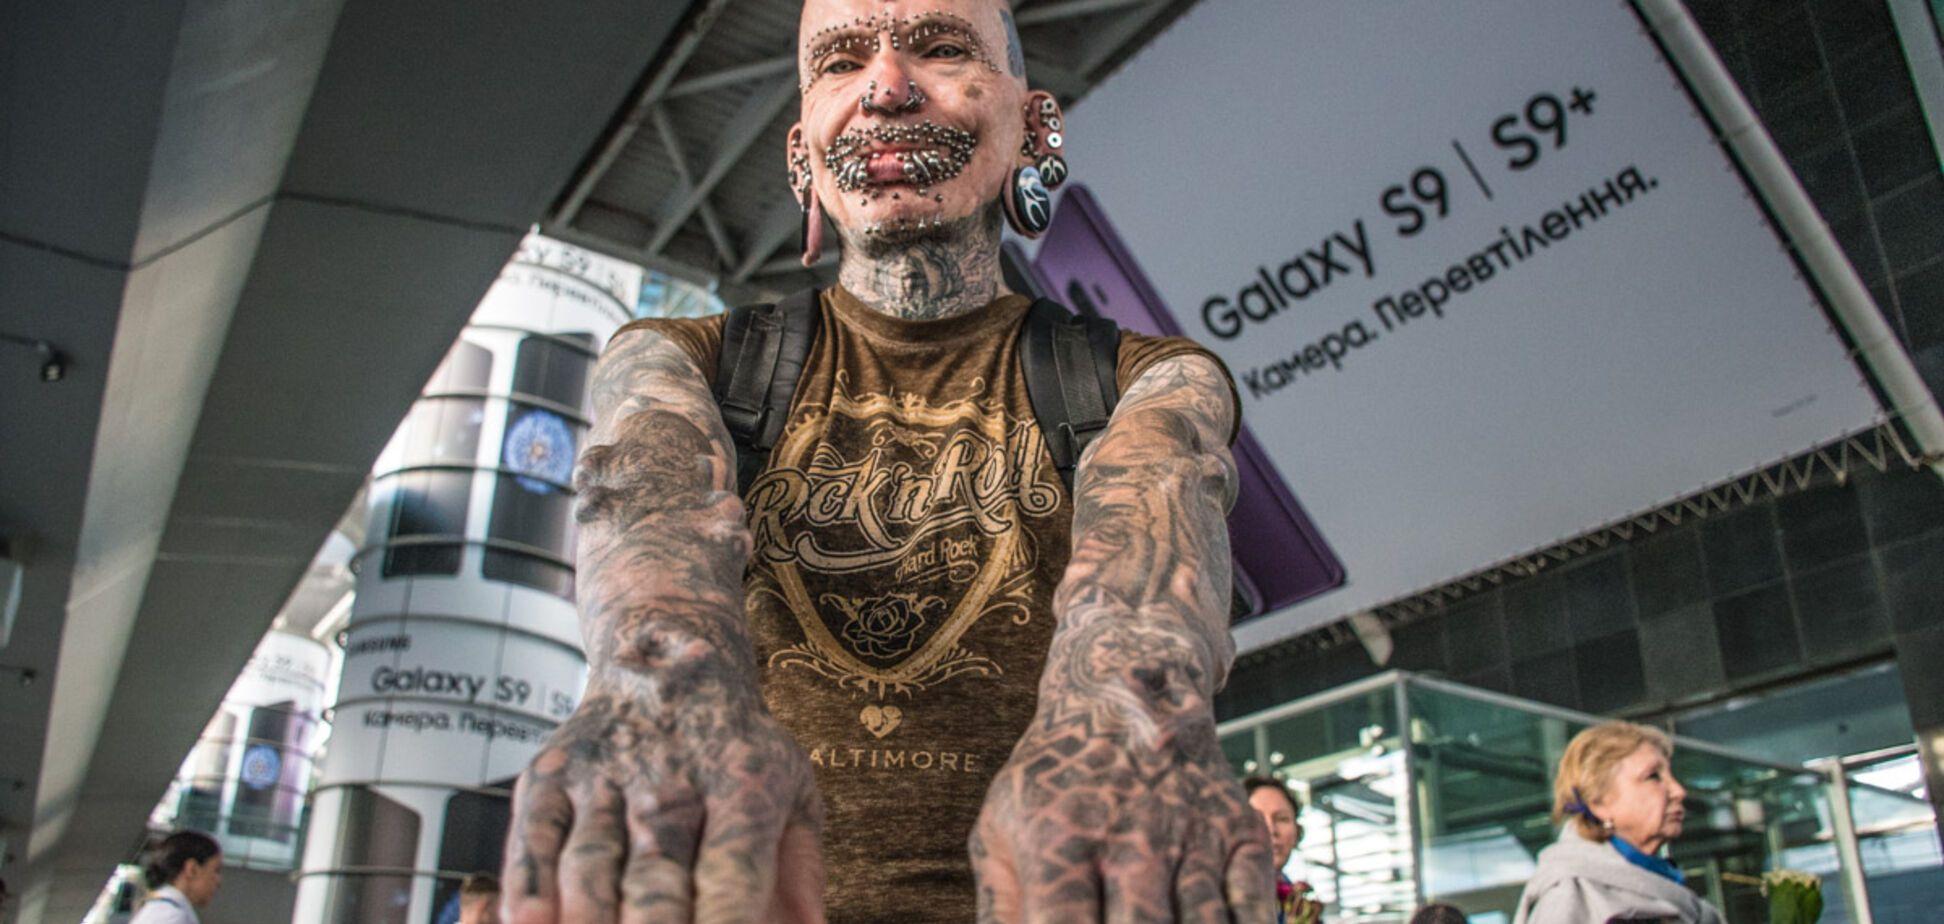 Люди оборачивались: в Киеве 'засветился' самый пирсингованный человек в мире